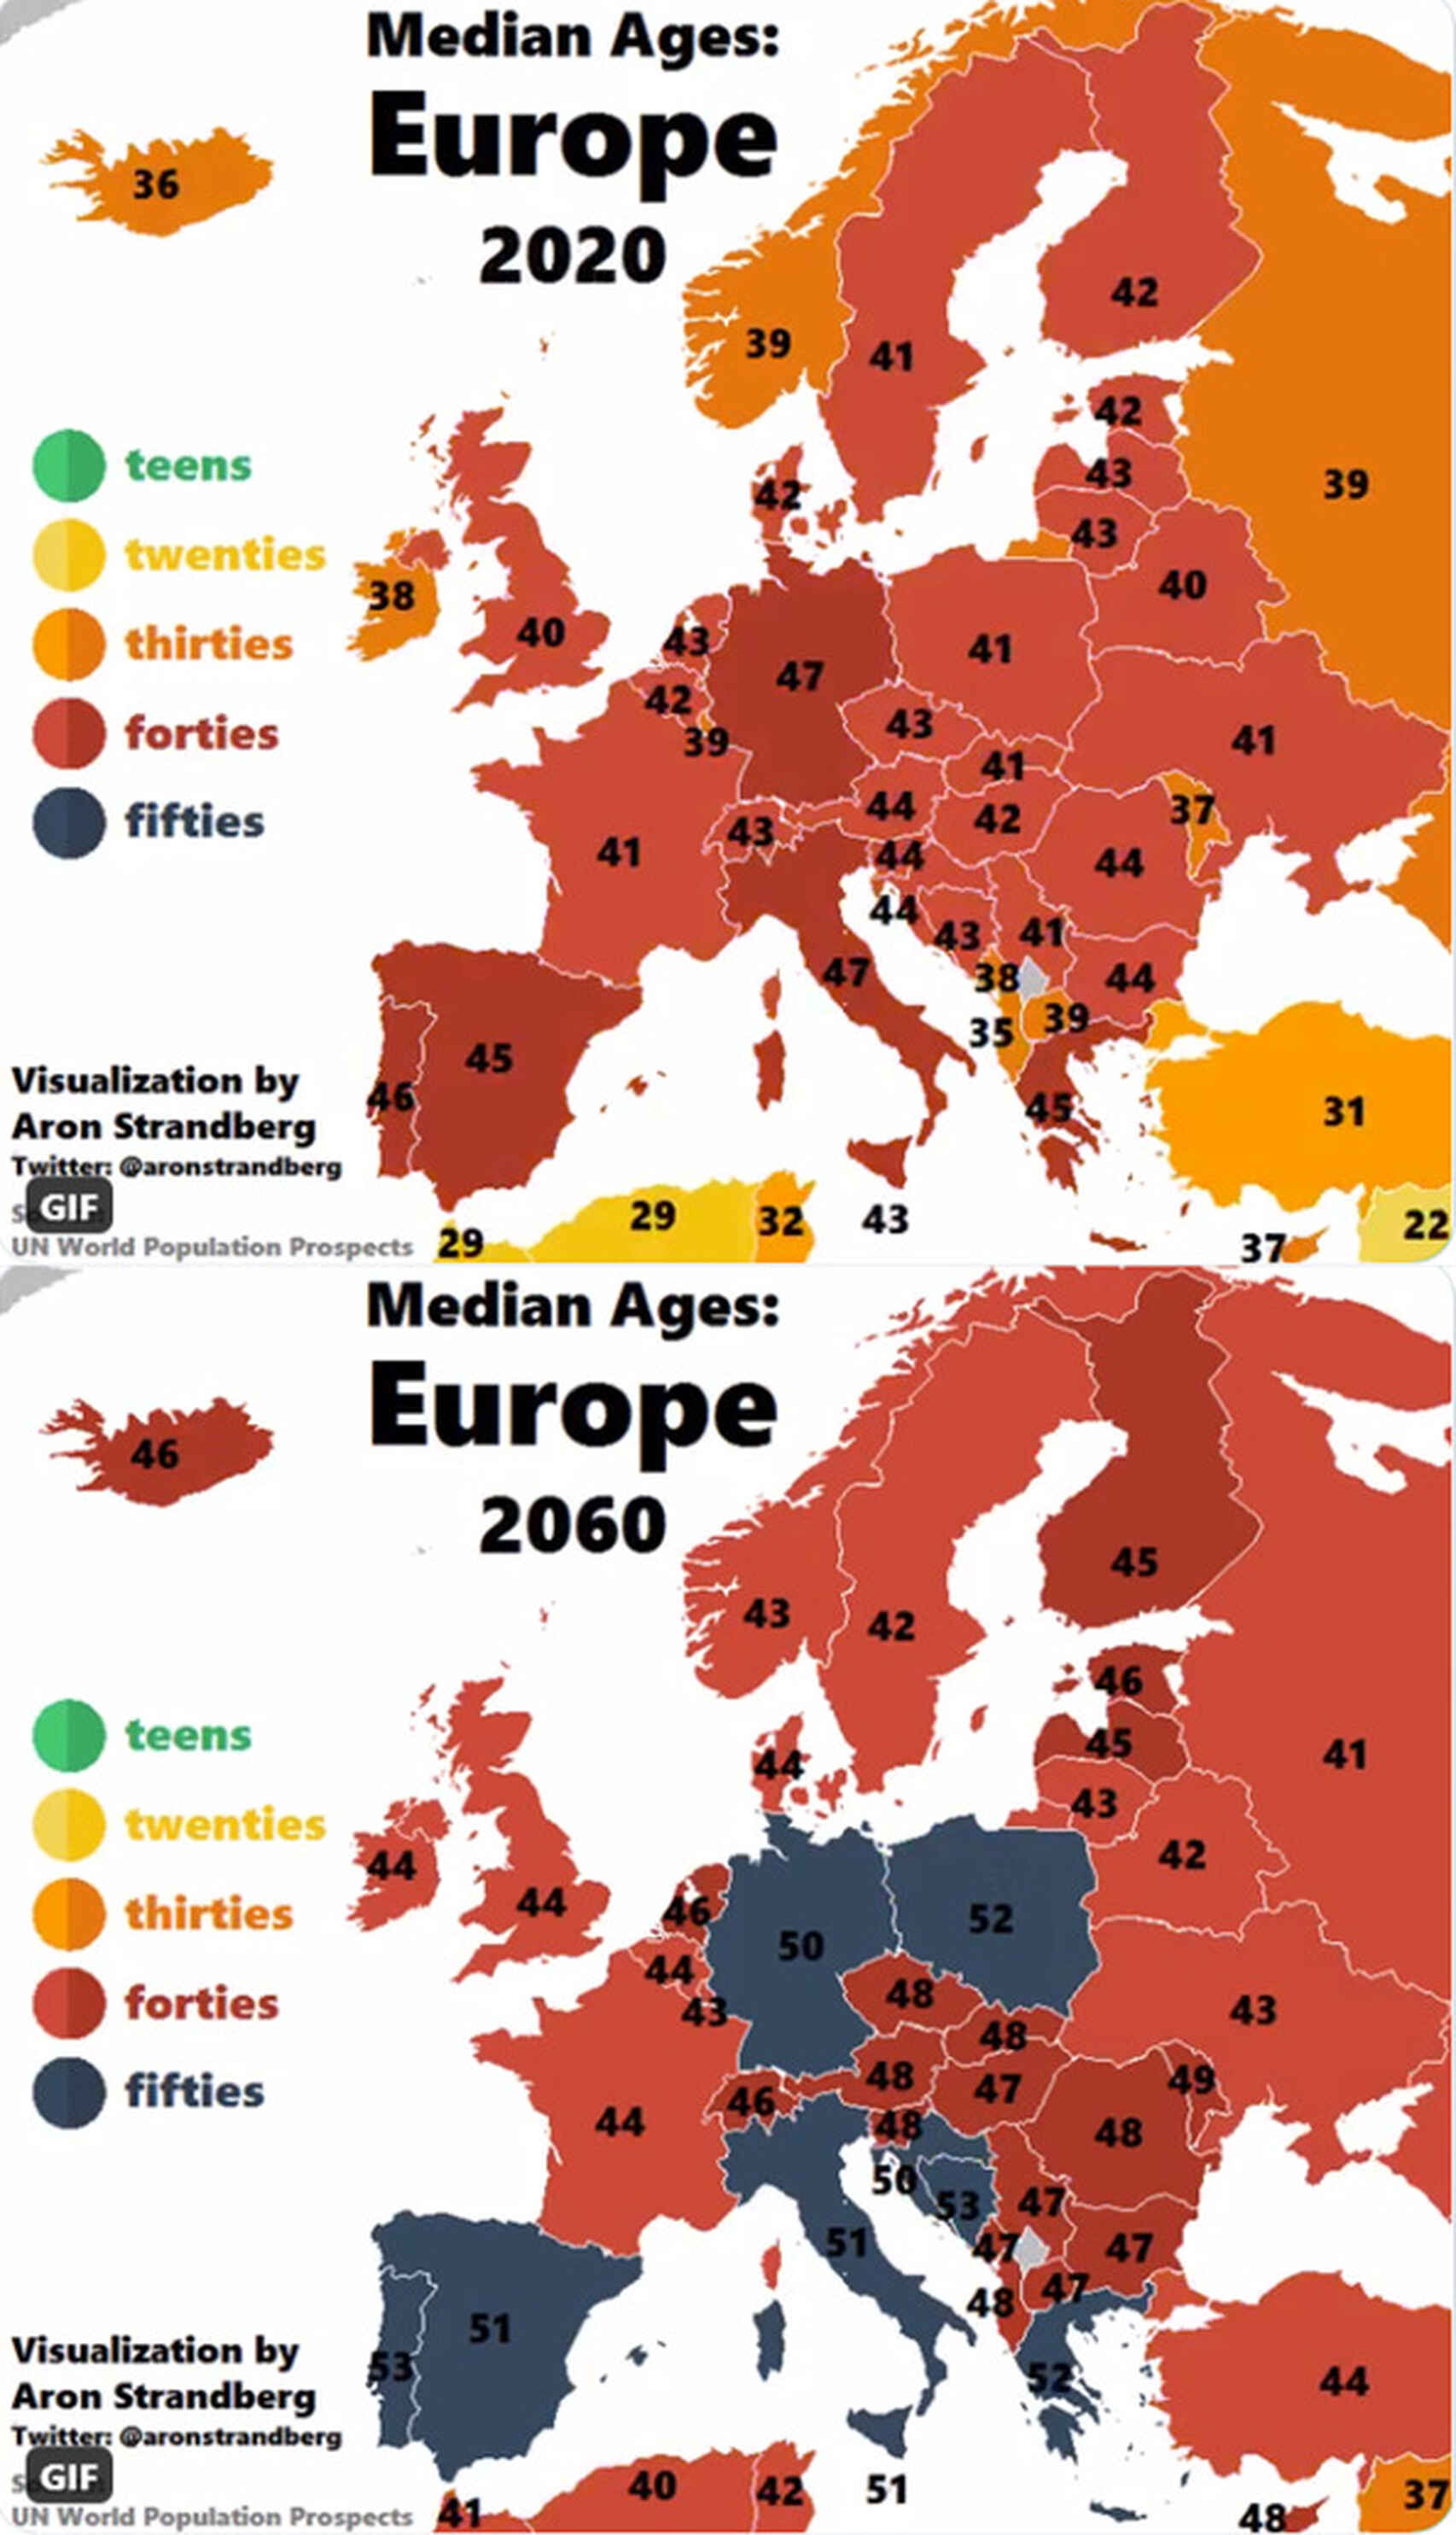 MEdia de edad en Europa 2020.